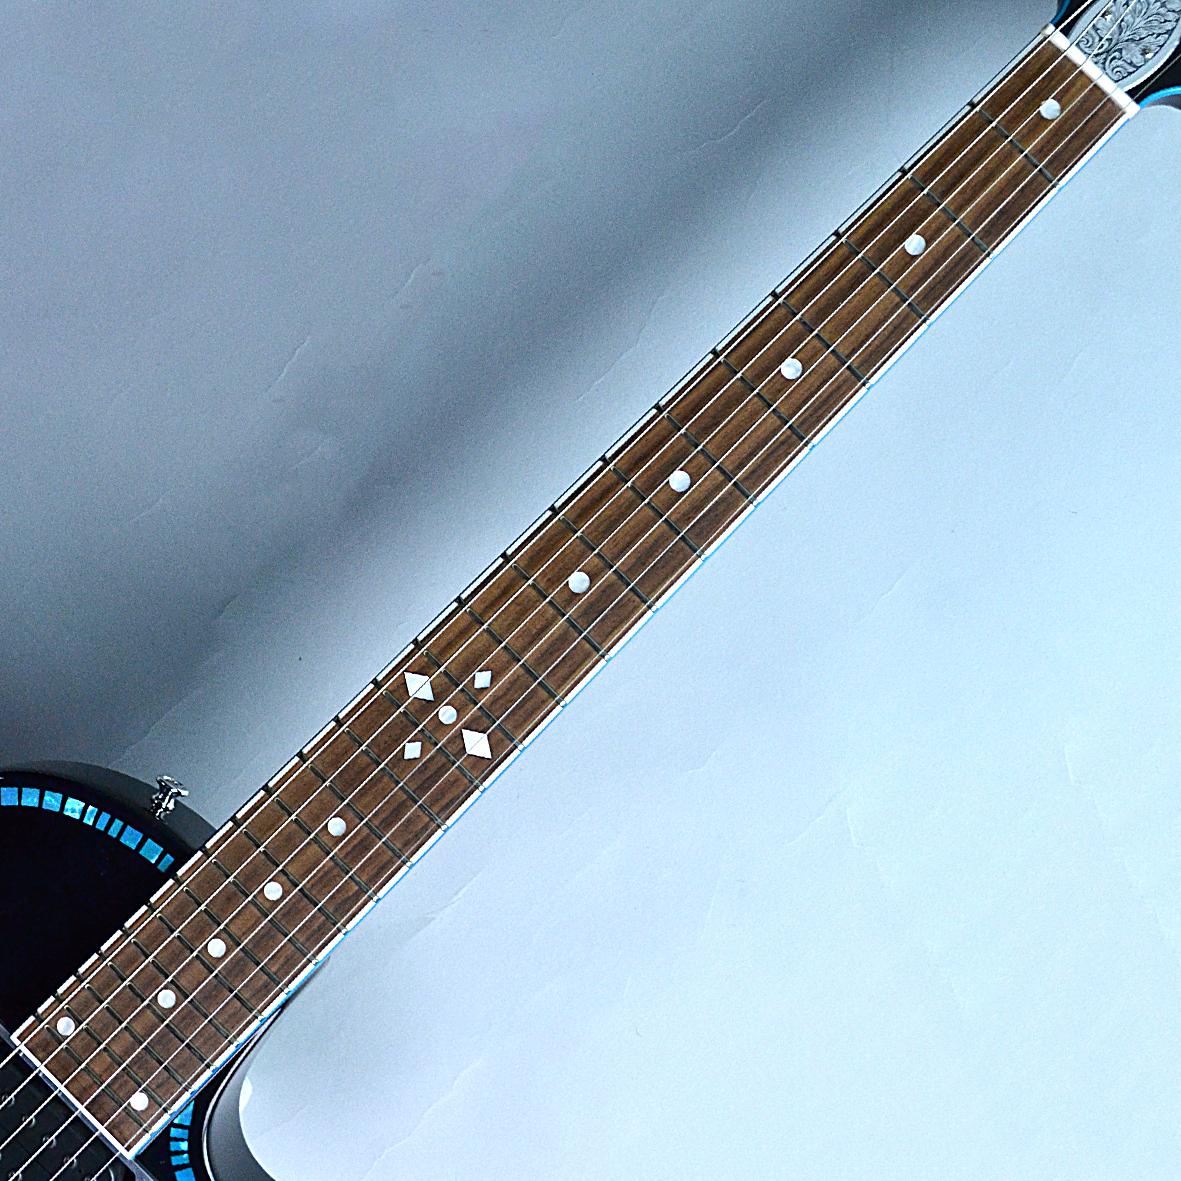 A24SU BLUE DIAMONDのヘッド裏-アップ画像